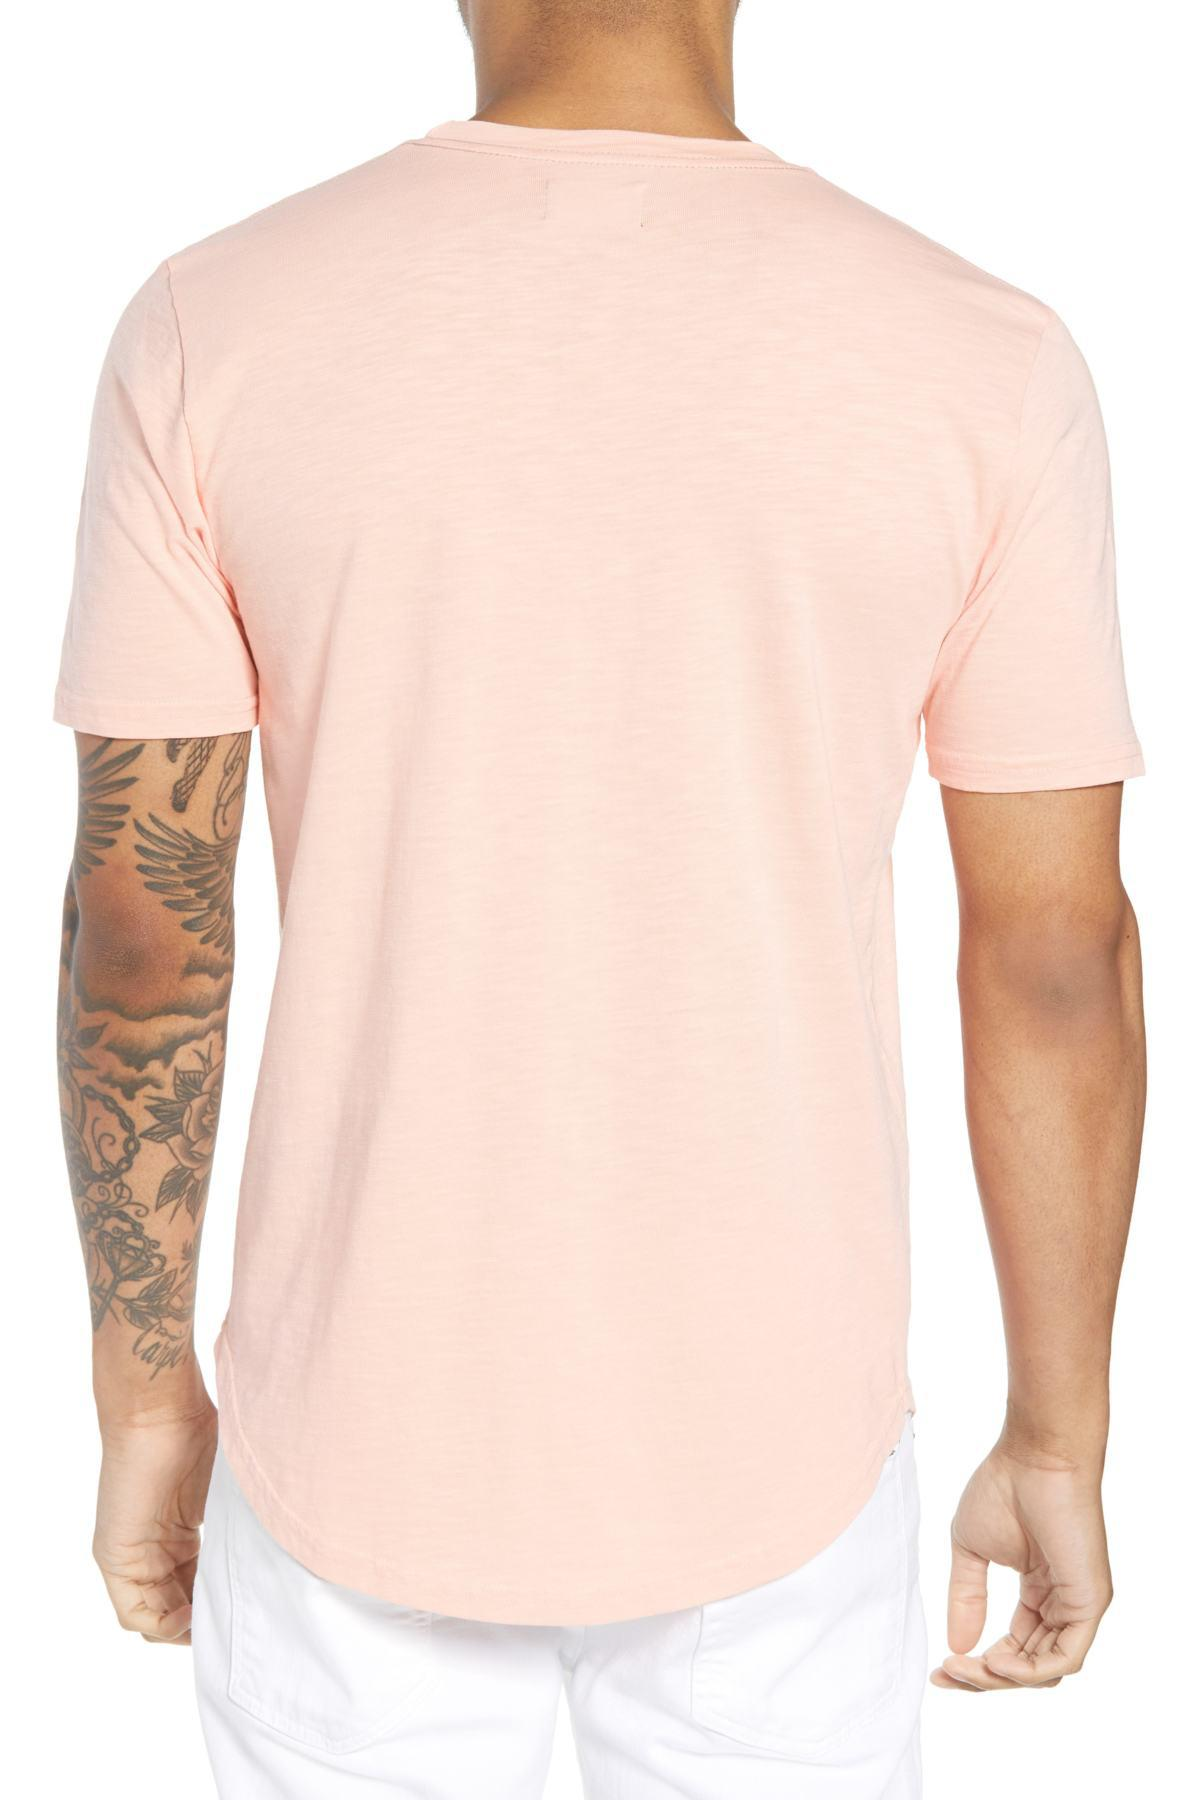 8ba0e68b Goodlife Scallop Hem Slub Crewneck T-shirt in Pink for Men - Lyst